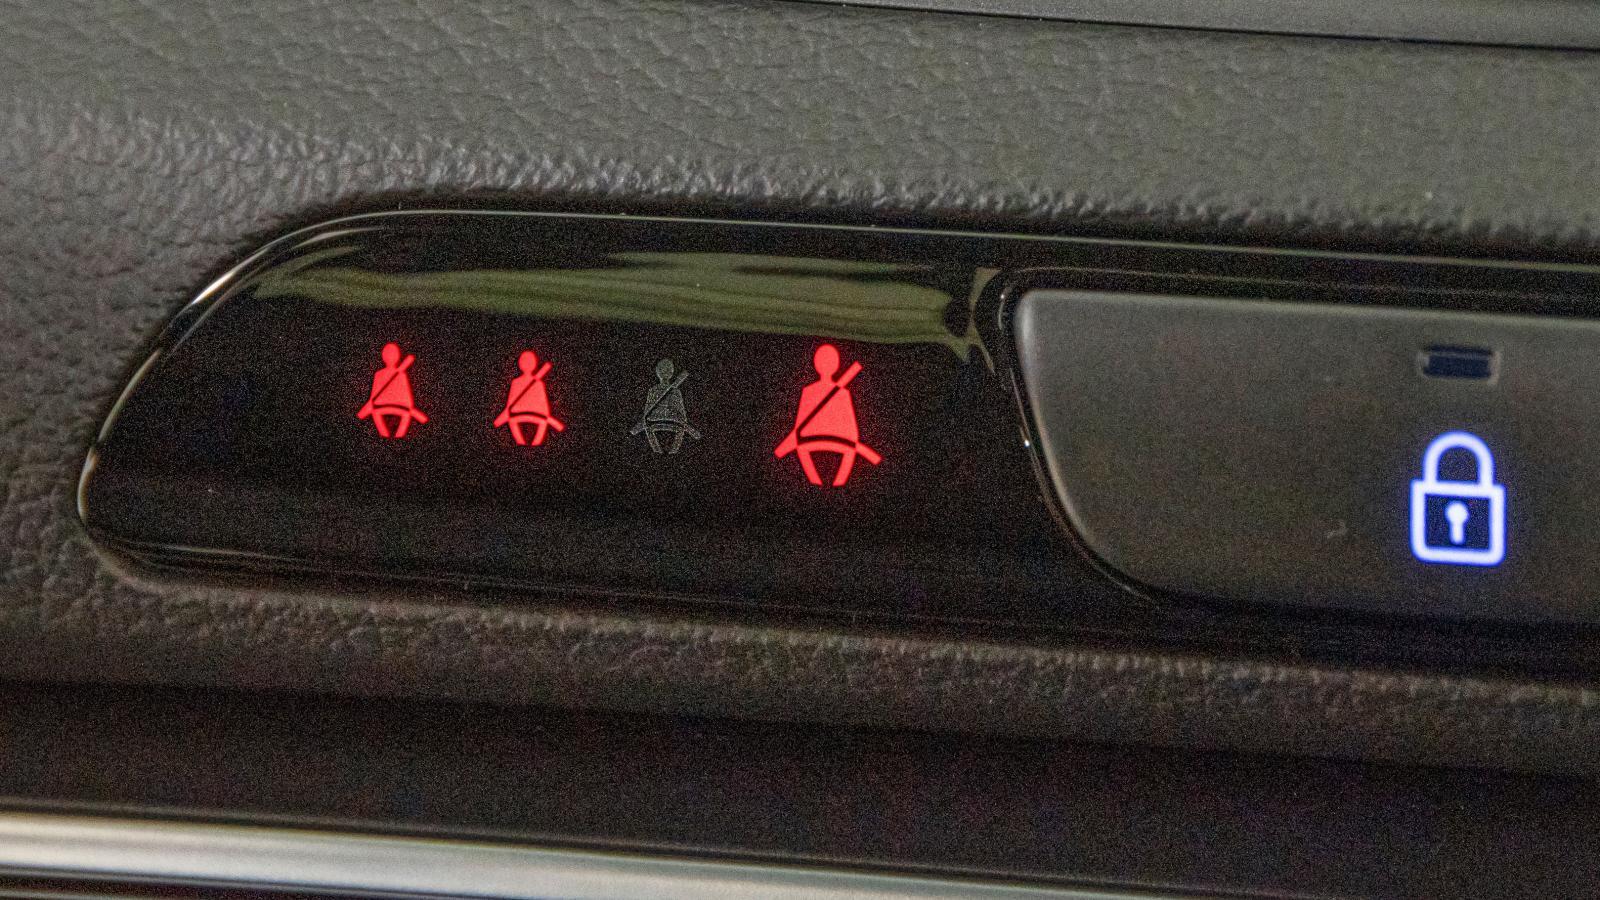 Tydlig information om att alla åkande i Hyundai är bältade.